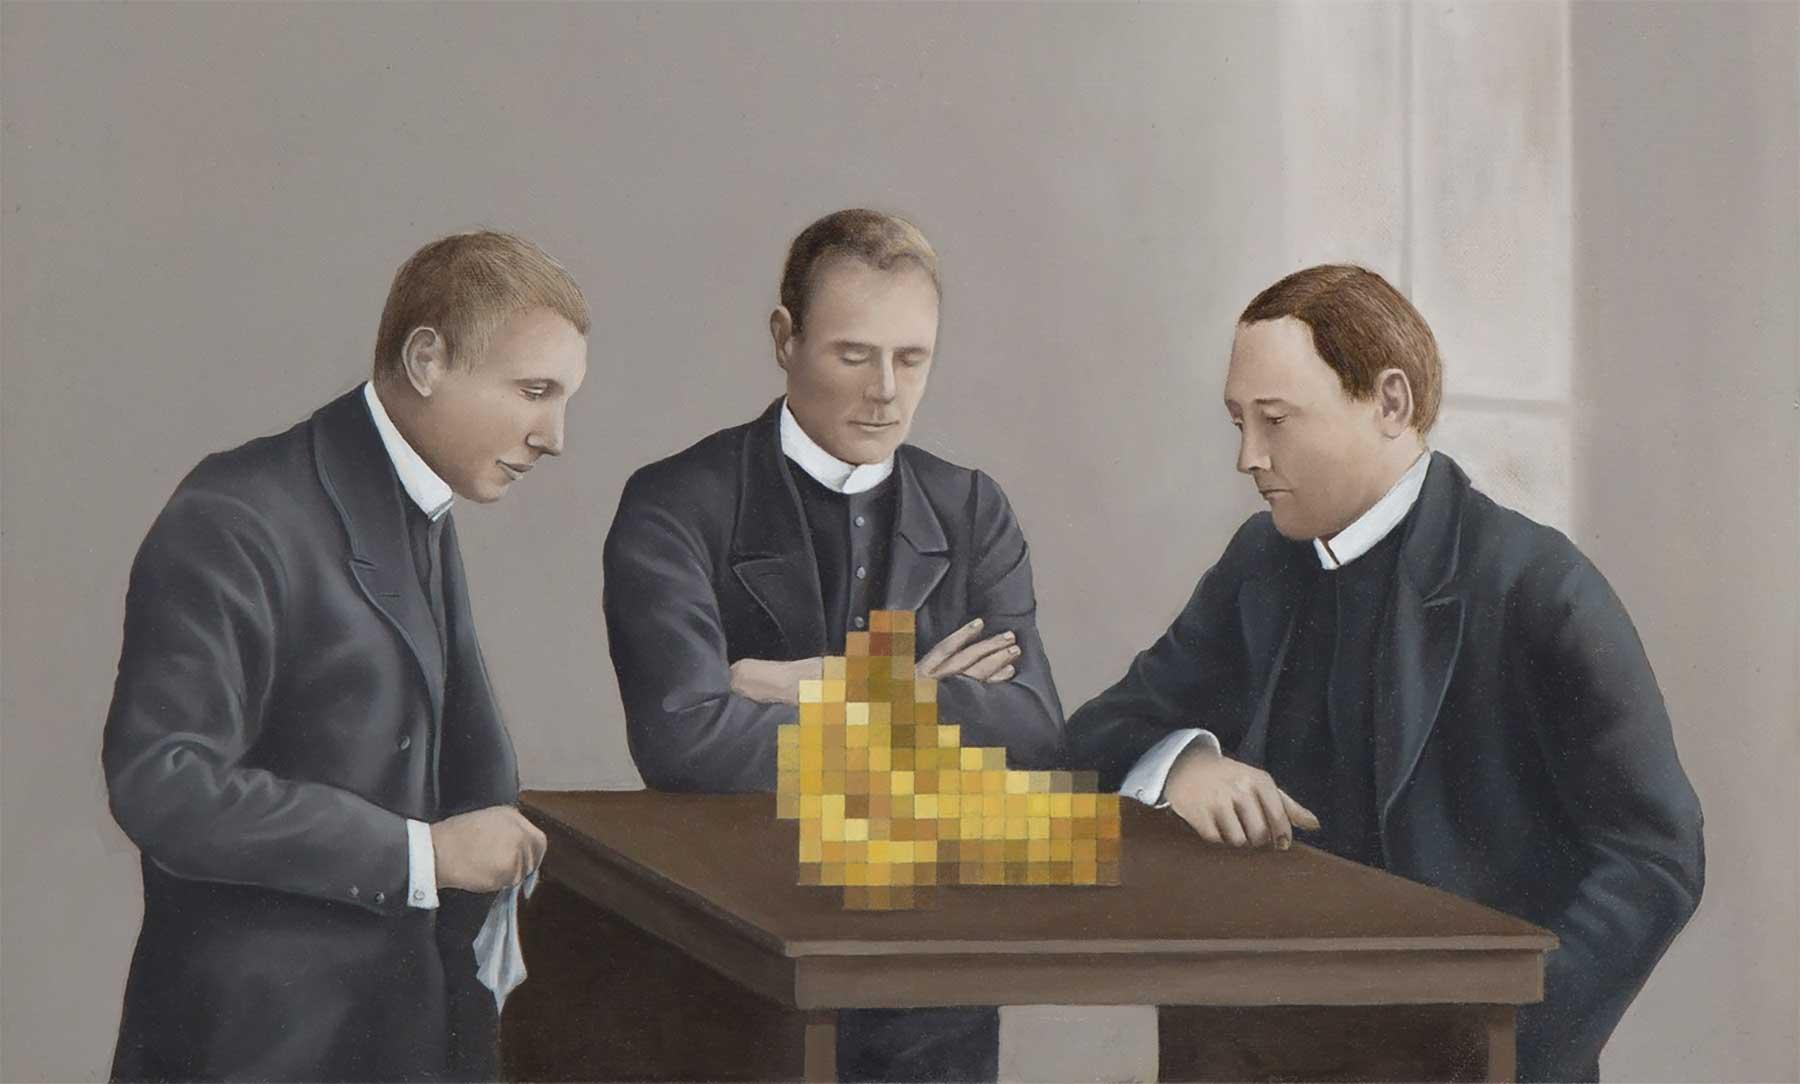 Klassisch anmutende Gemälde mit Verpixelungen Aldo-Sergio_01